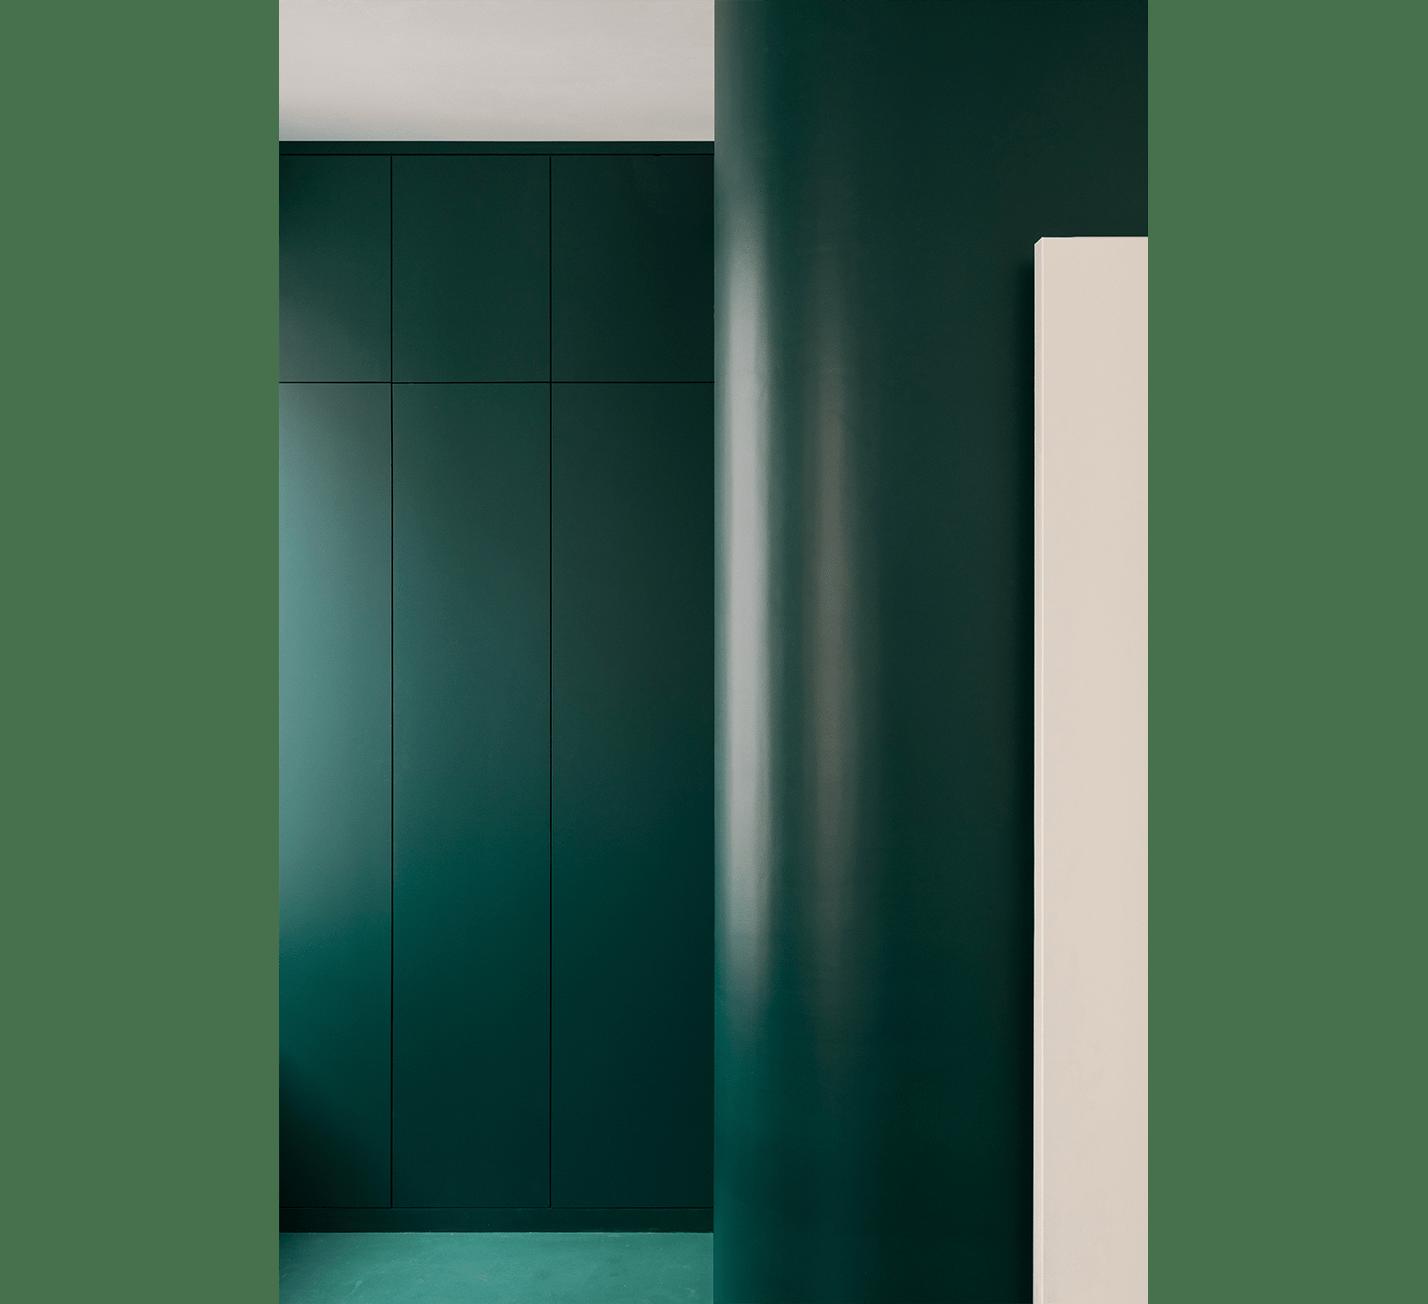 Projet-Georges-Atelier-Steve-Pauline-Borgia-Architecte-interieur-10-min